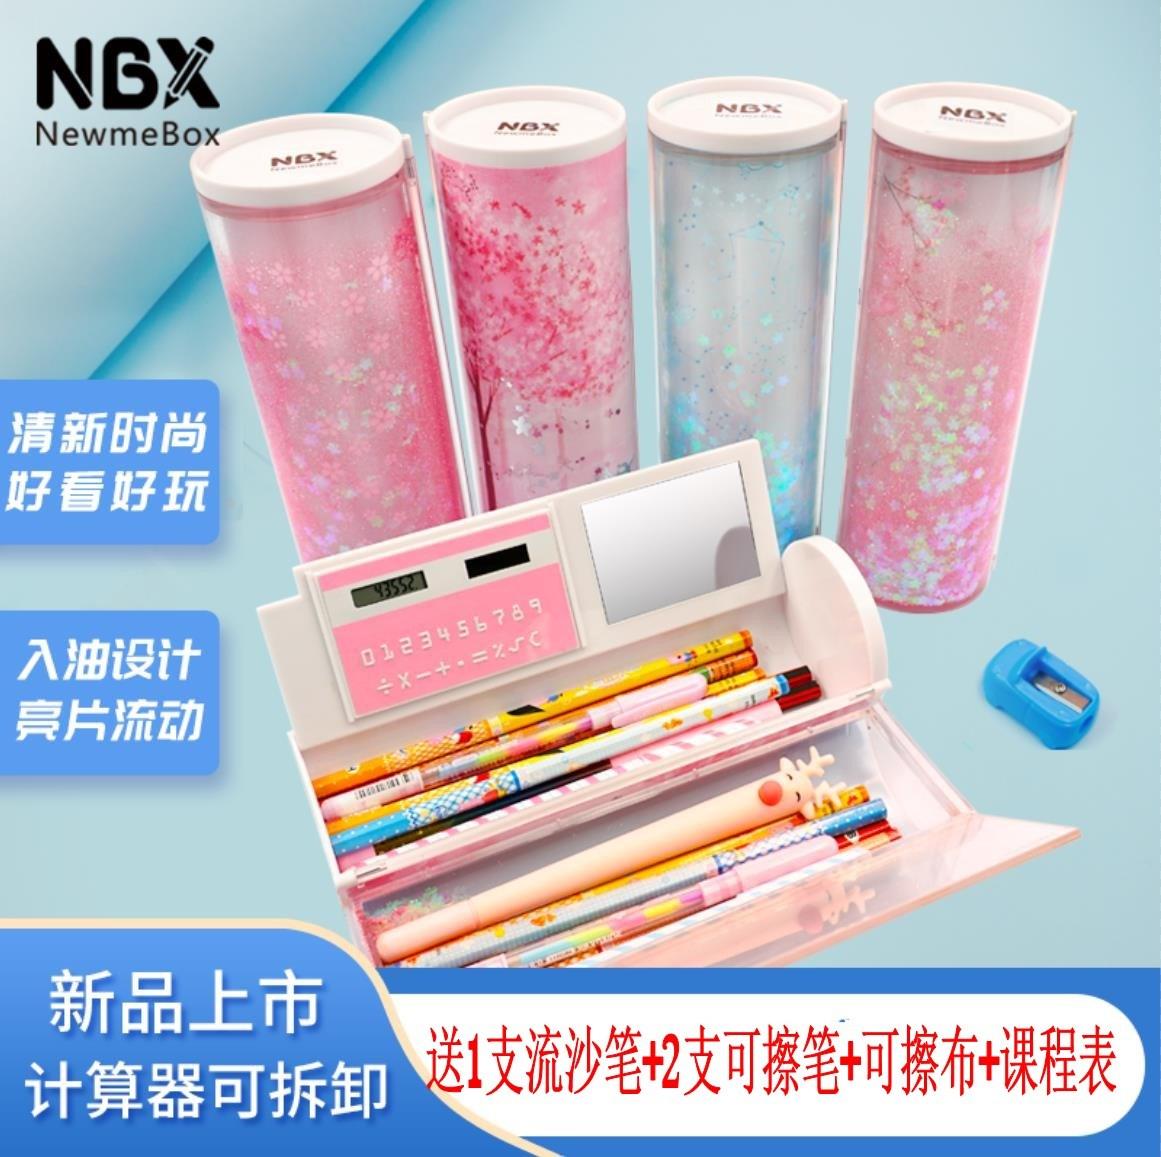 抖音同款笔盒小学生多功能密码锁铅笔盒网红文具盒圆筒少女心。